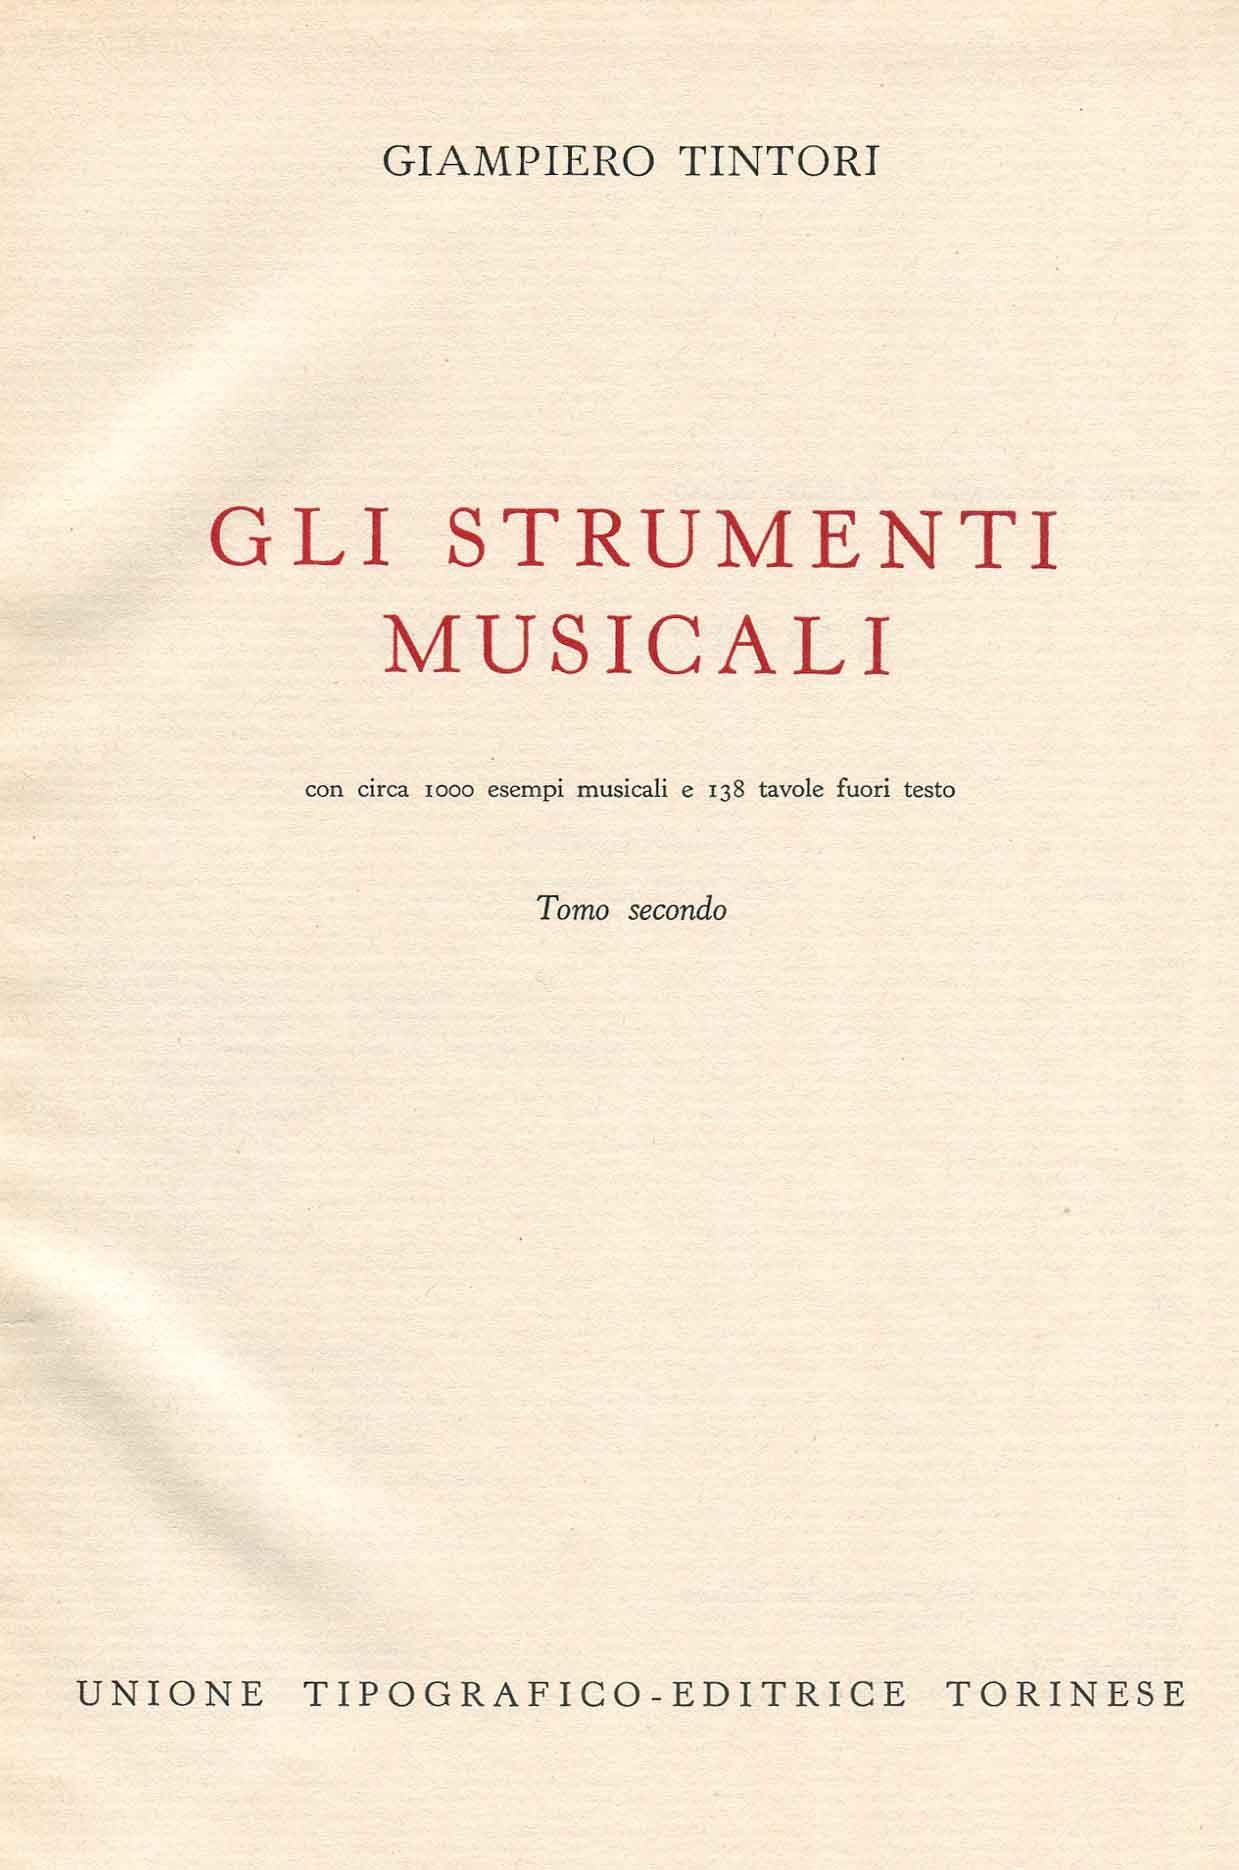 Gli strumenti musicali : con circa 1000 esempi musicali e 138 tavole fuori testo ; 2